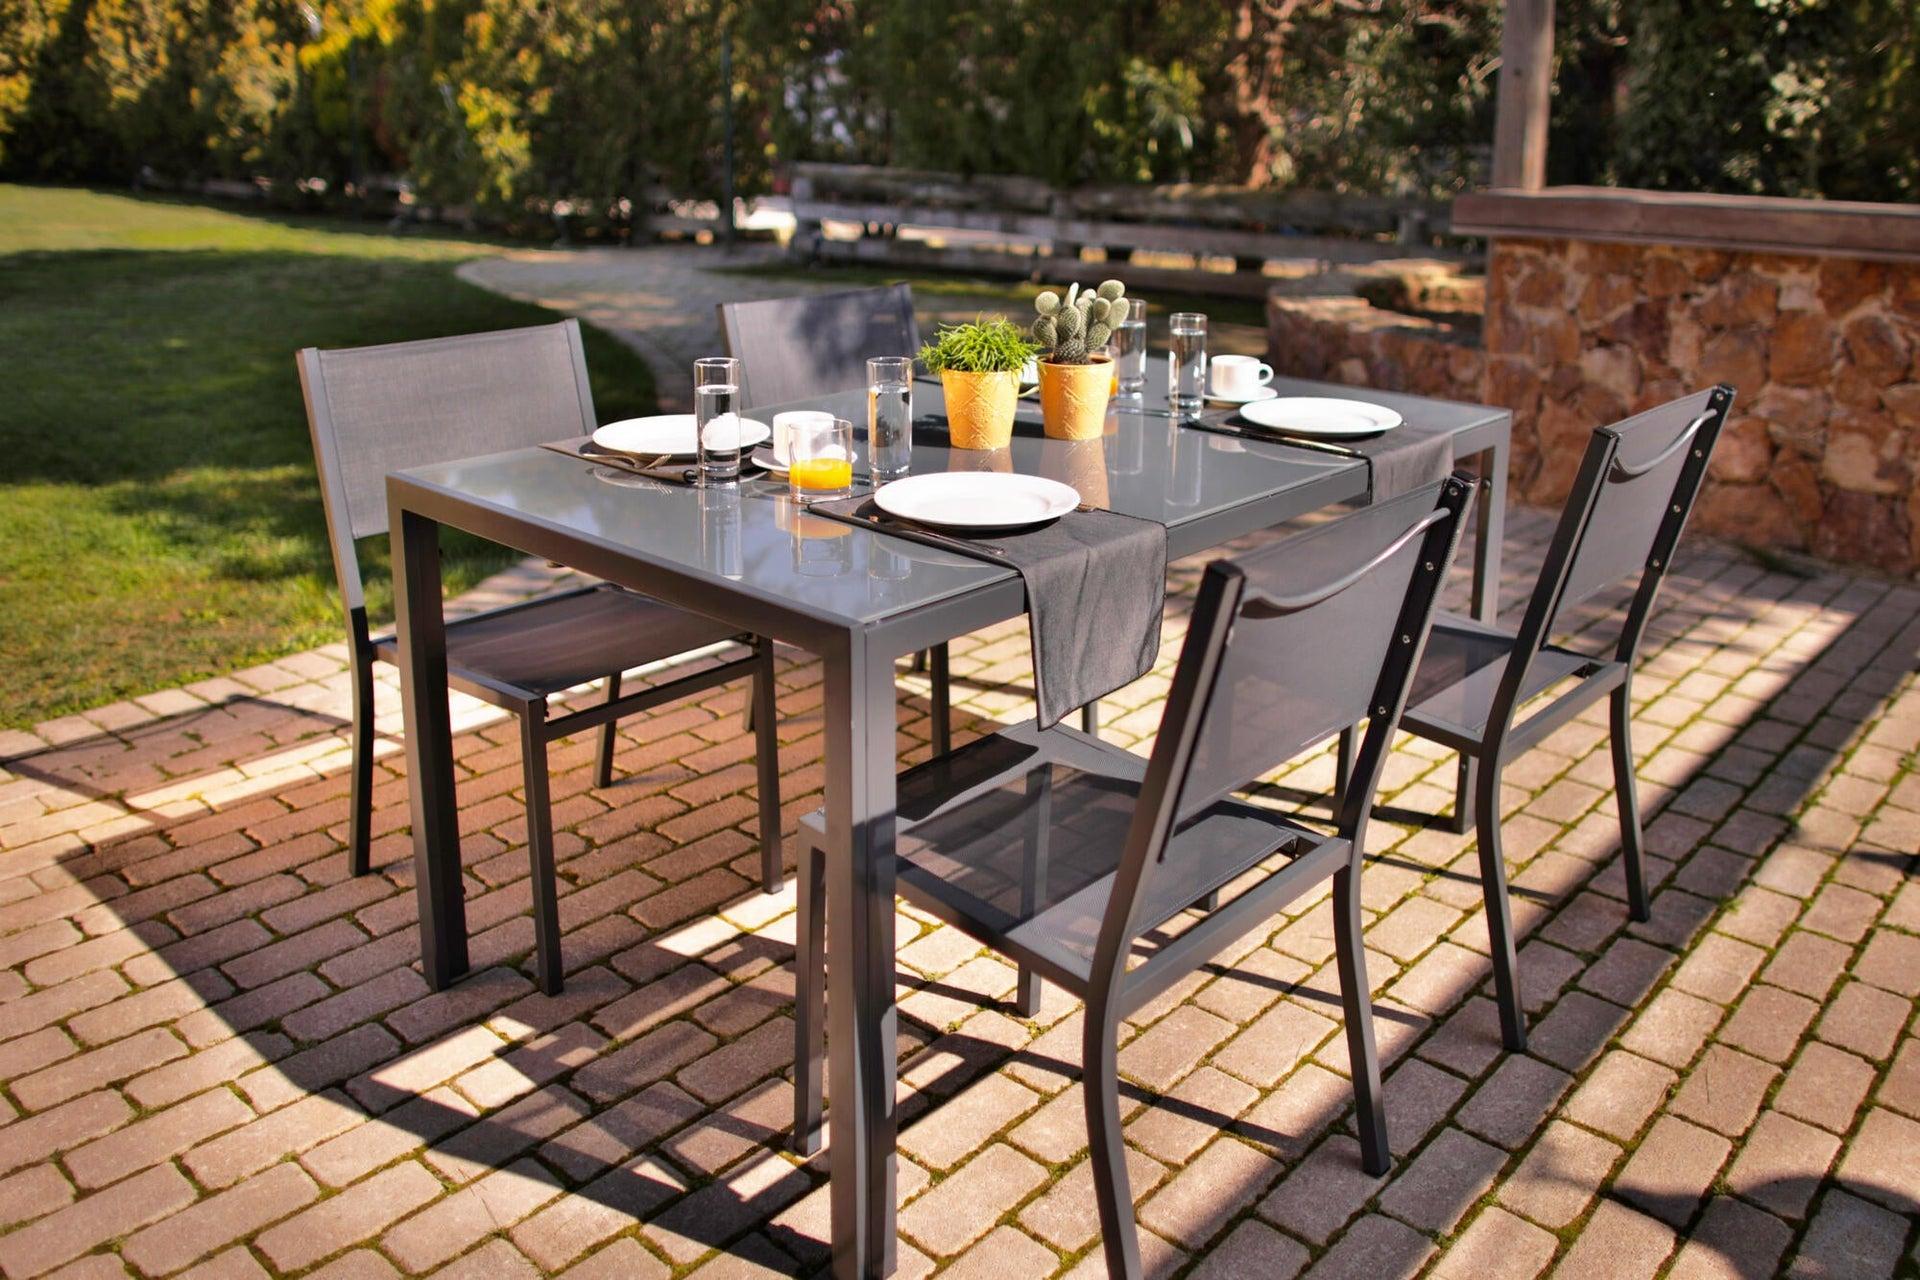 Tavolo da giardino rettangolare con piano in metallo L 90 x P 150 cm - 1